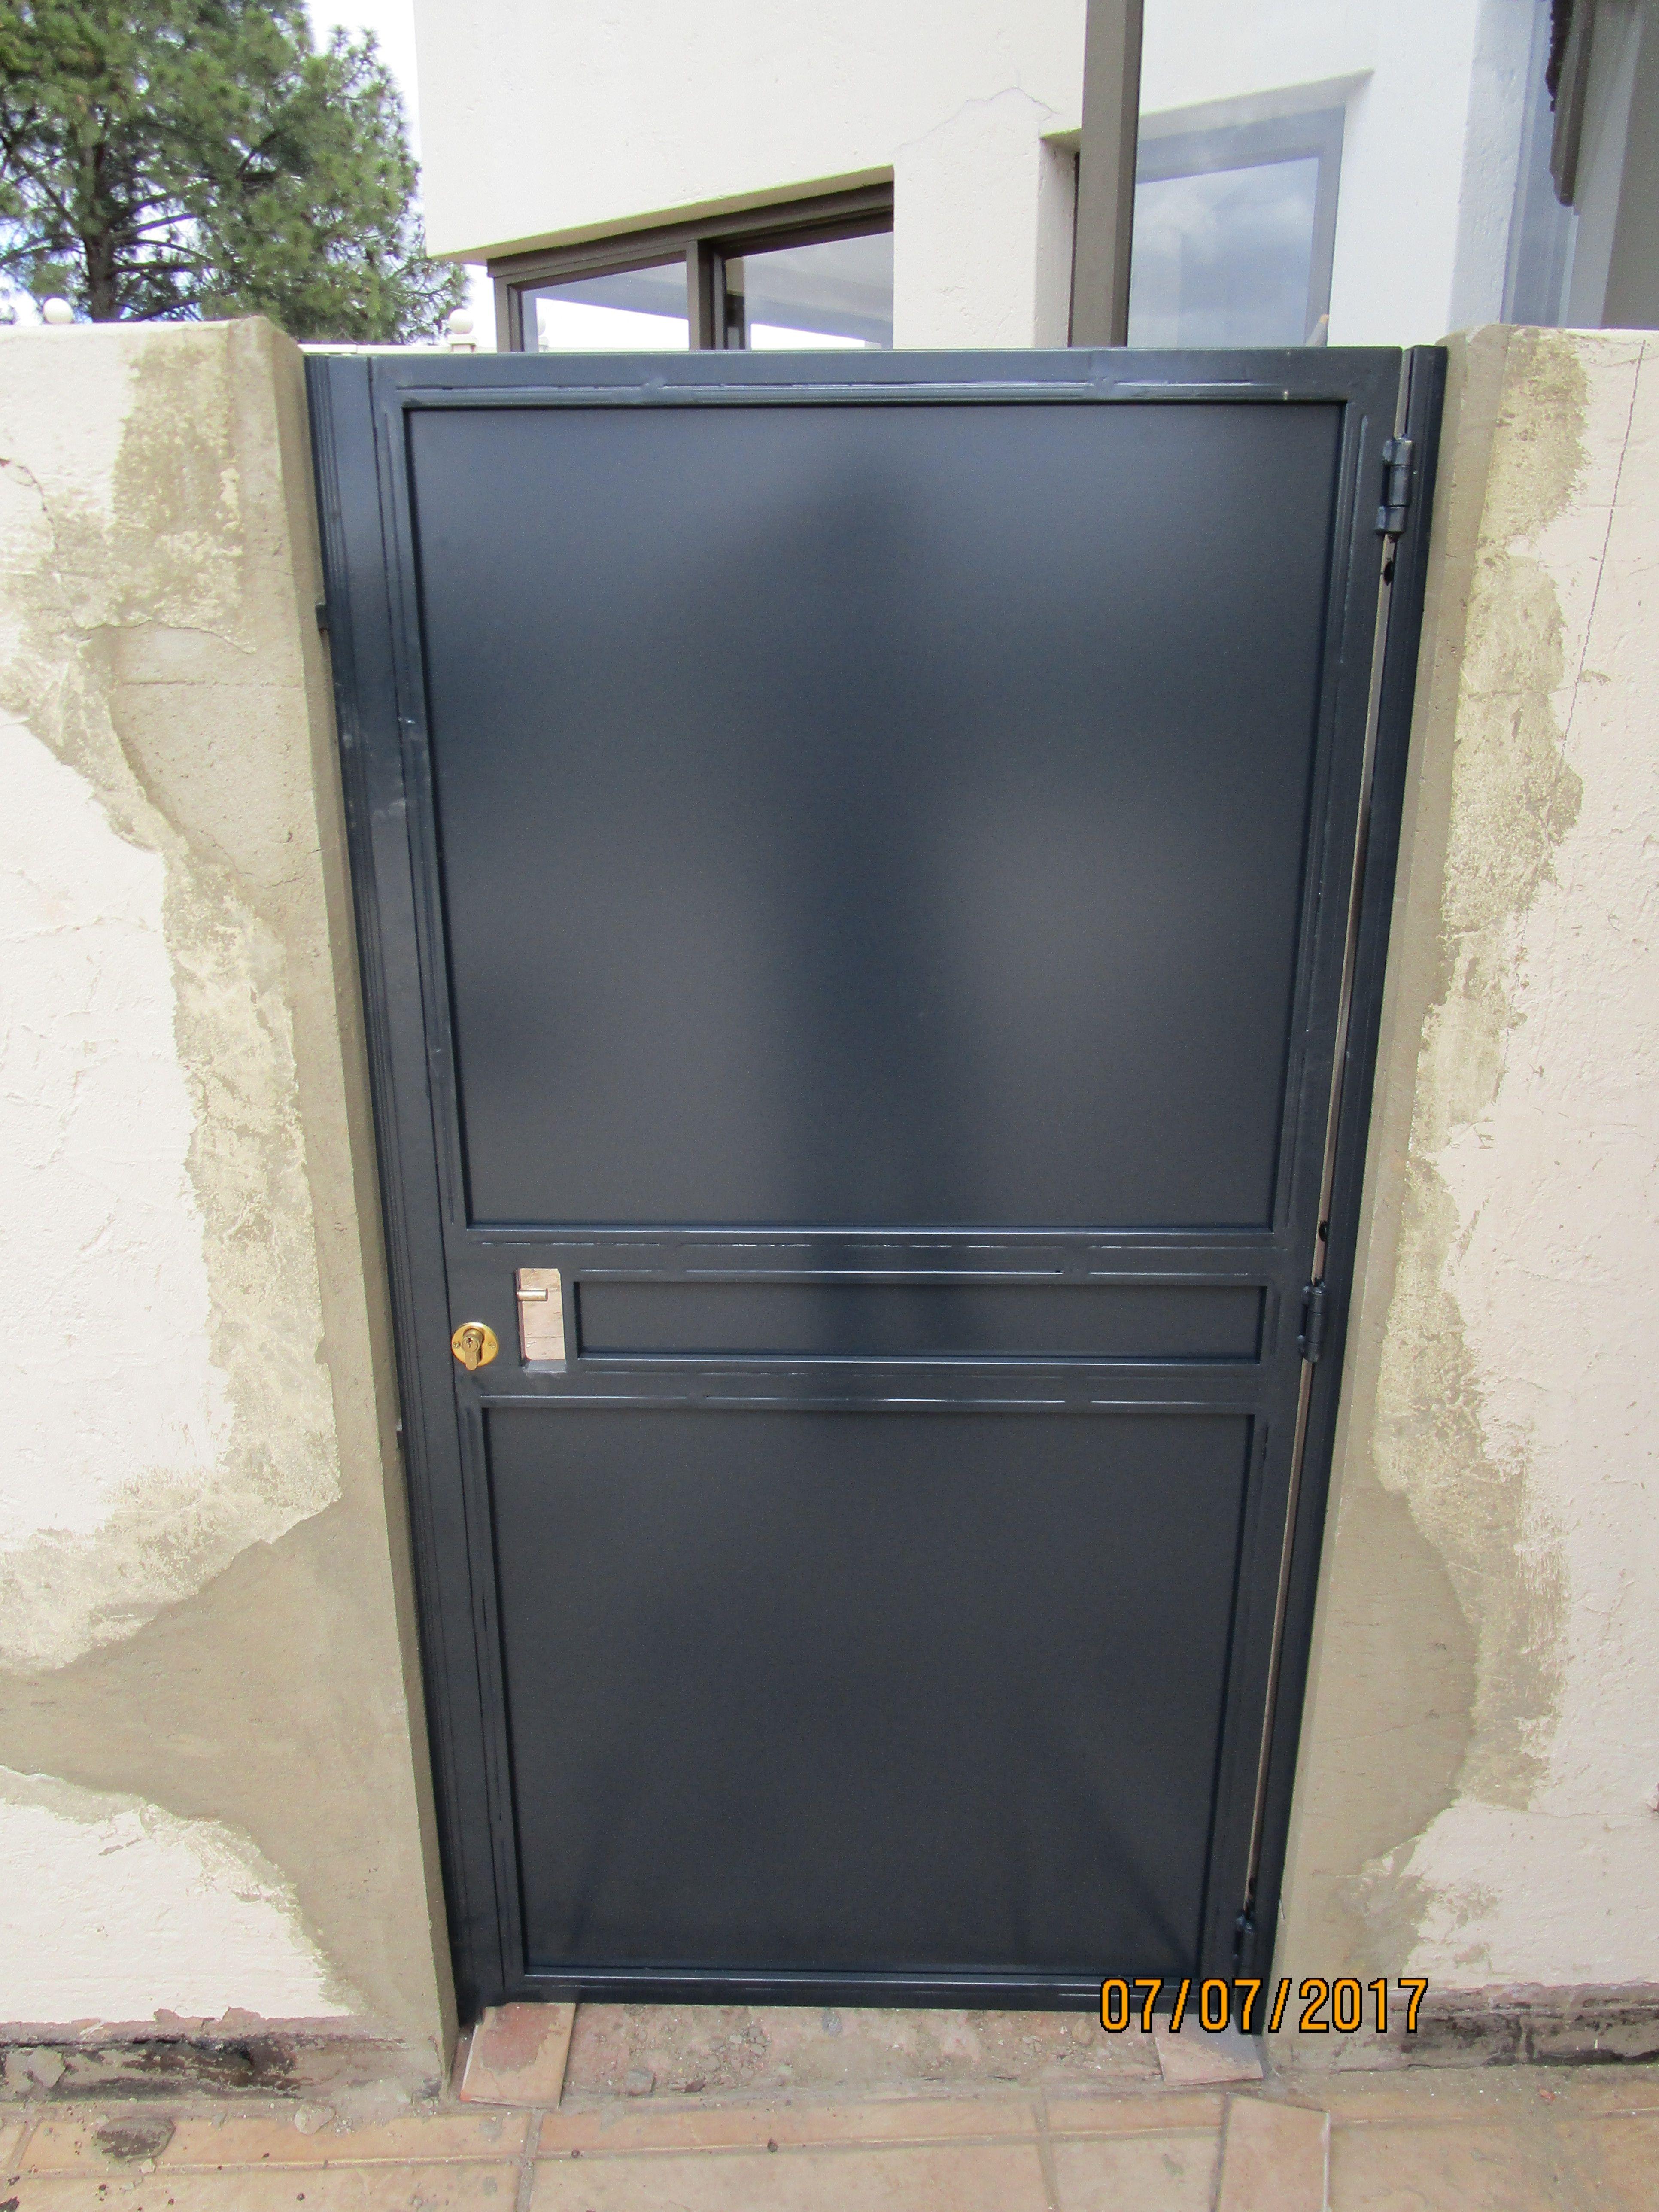 Robo Door offers all your Burglar Proofing needs! Based in Boksburg we build and install Trellis Doors Security Gates Burglar Bars u0026 Security Doors. & Security gates by Robo Door. Charcoal Security Gates. www.robodoor ... pezcame.com